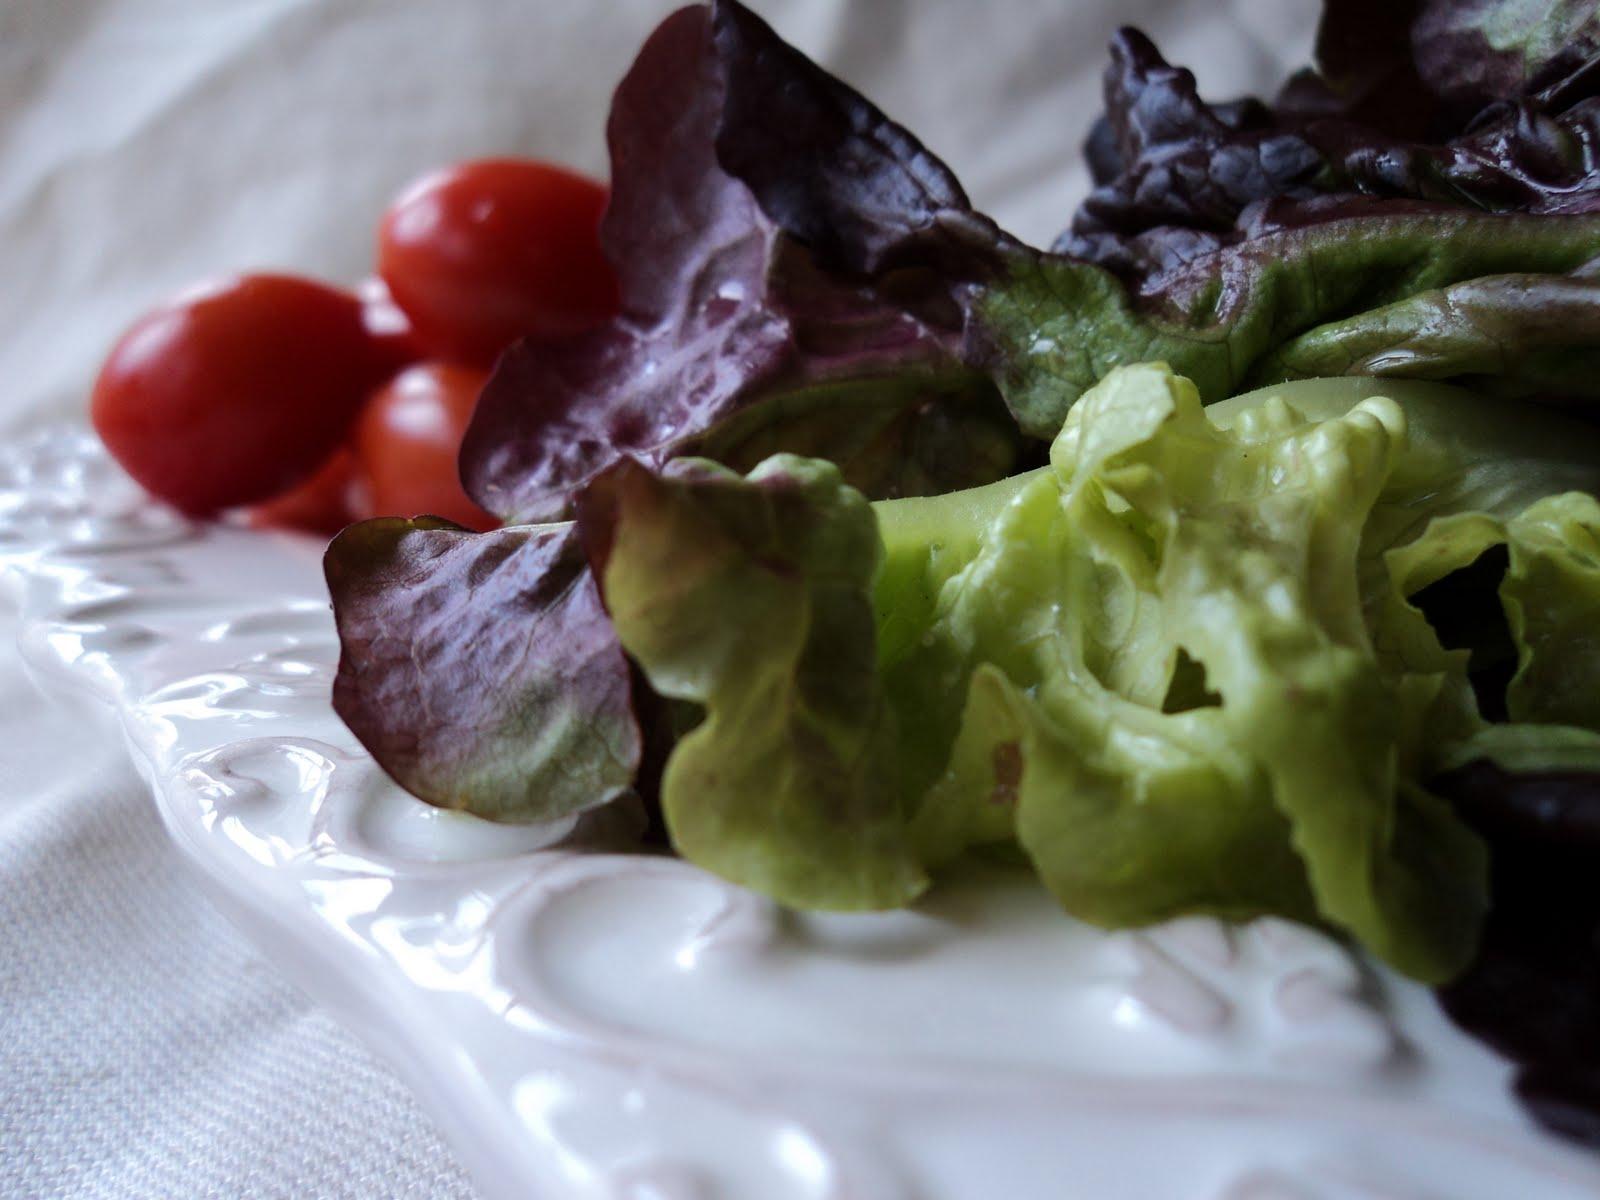 Somos uno s lo como sembrar vegetales en tu propia casa for Cultivar vegetales en casa